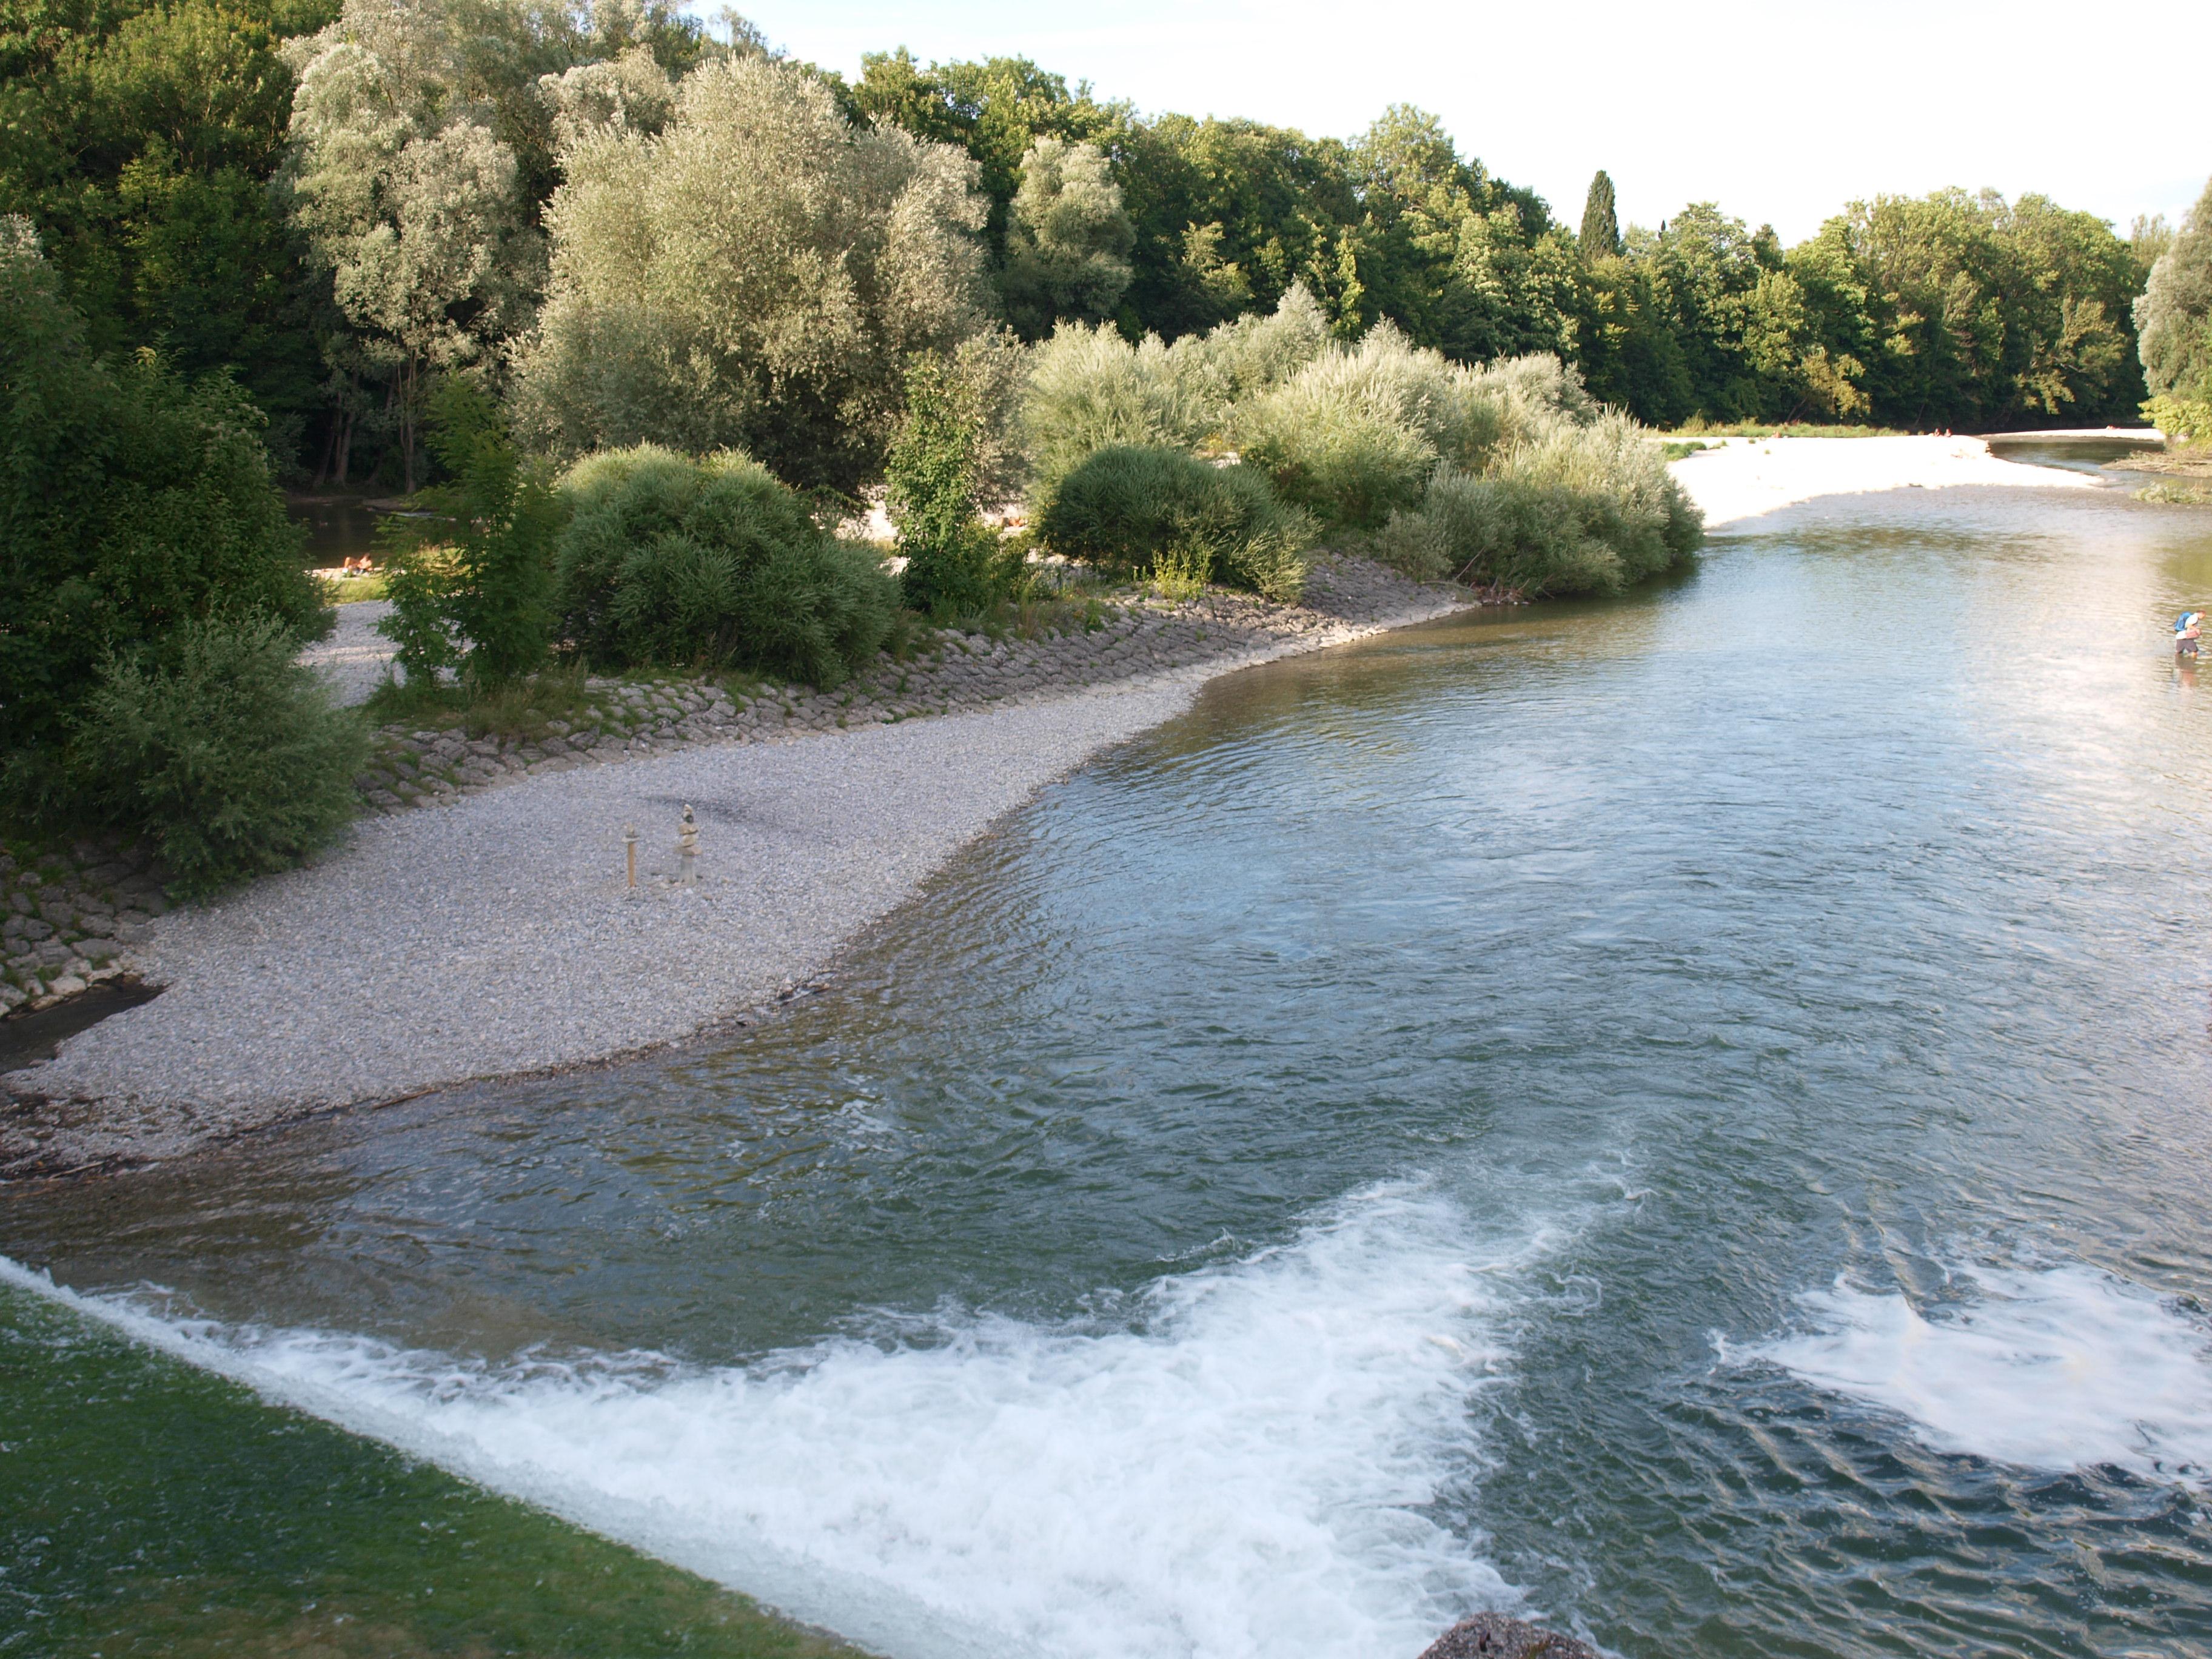 Wasserfall der Isar, Flaucher